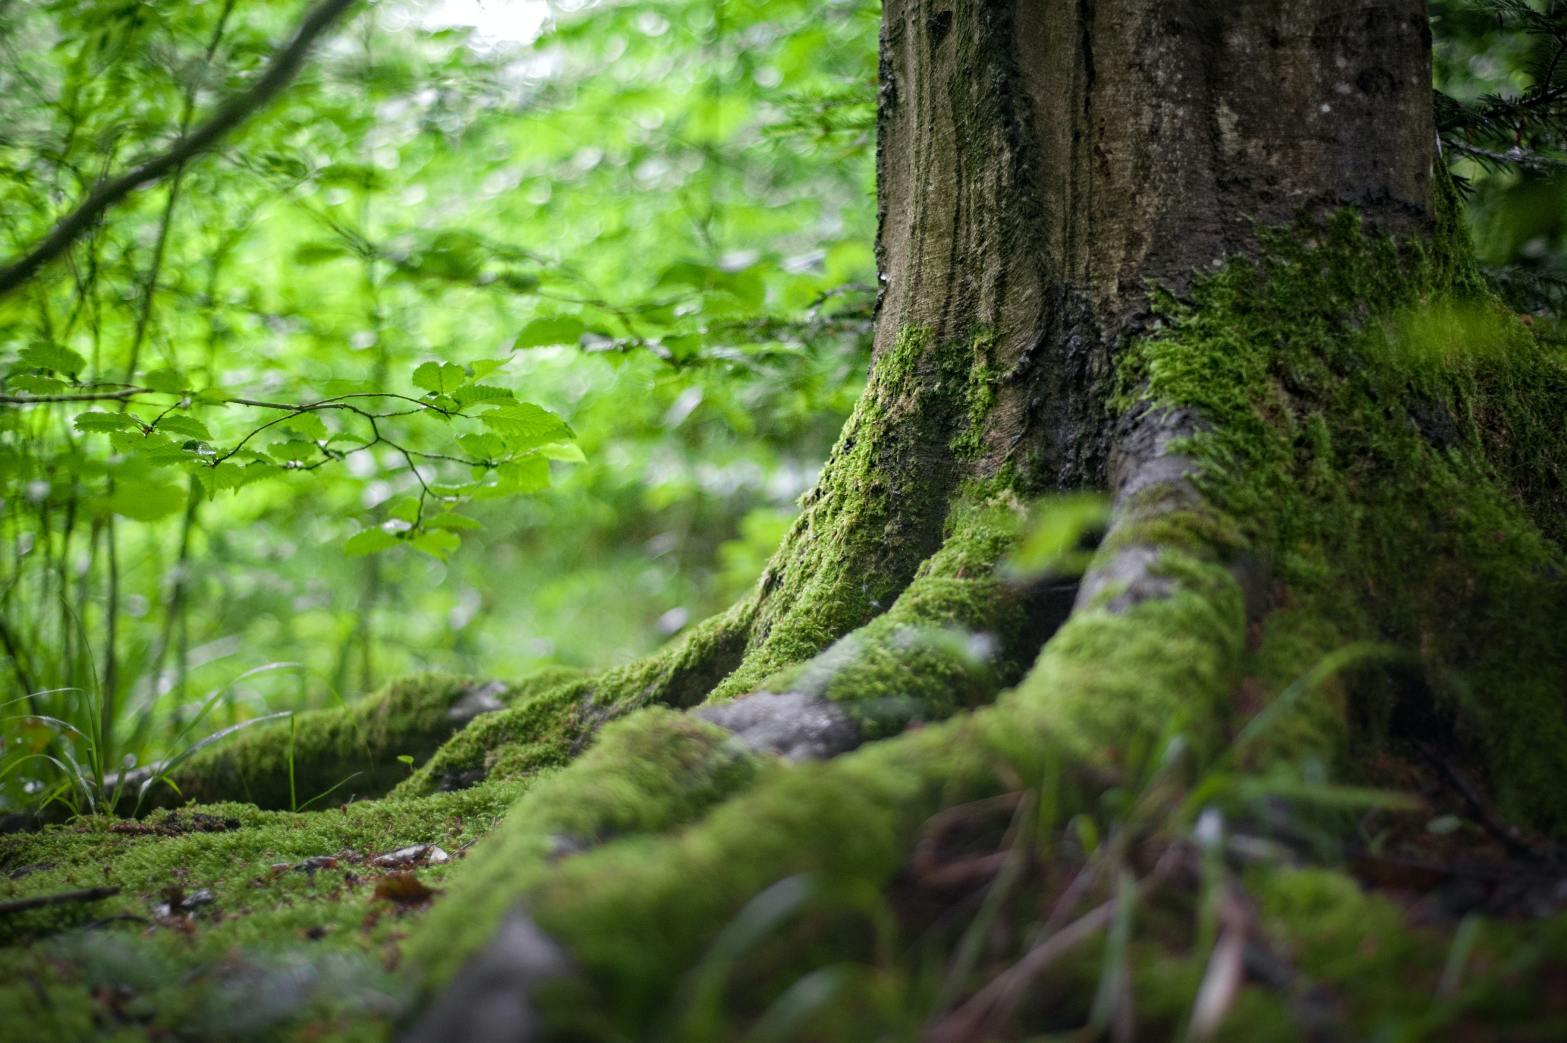 Et tre i skogen. Foto.